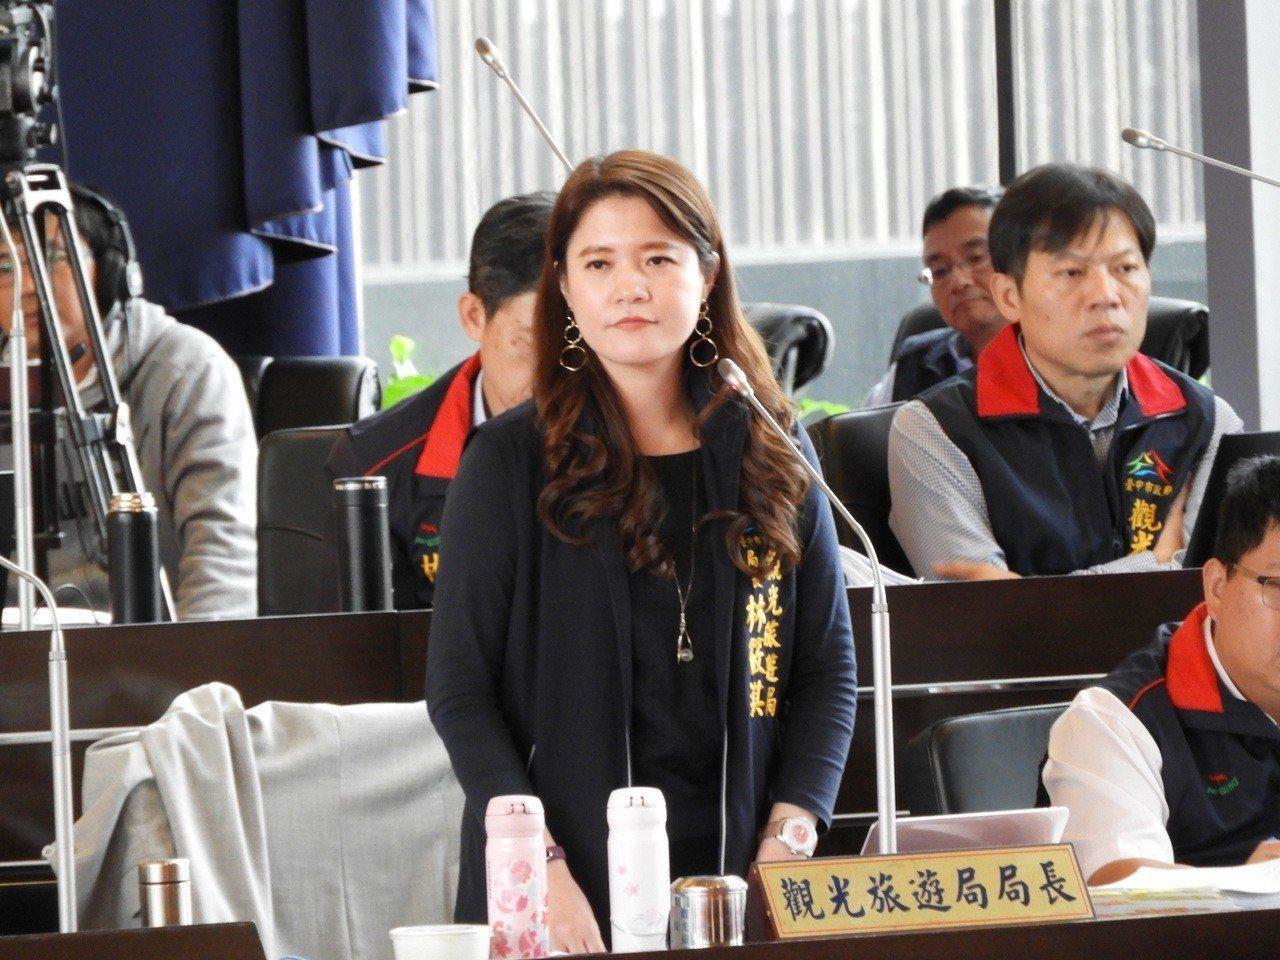 對於議員陳清龍說「培訓費5個月花360萬元,是高級實習生」,林筱淇強烈反擊說,完...